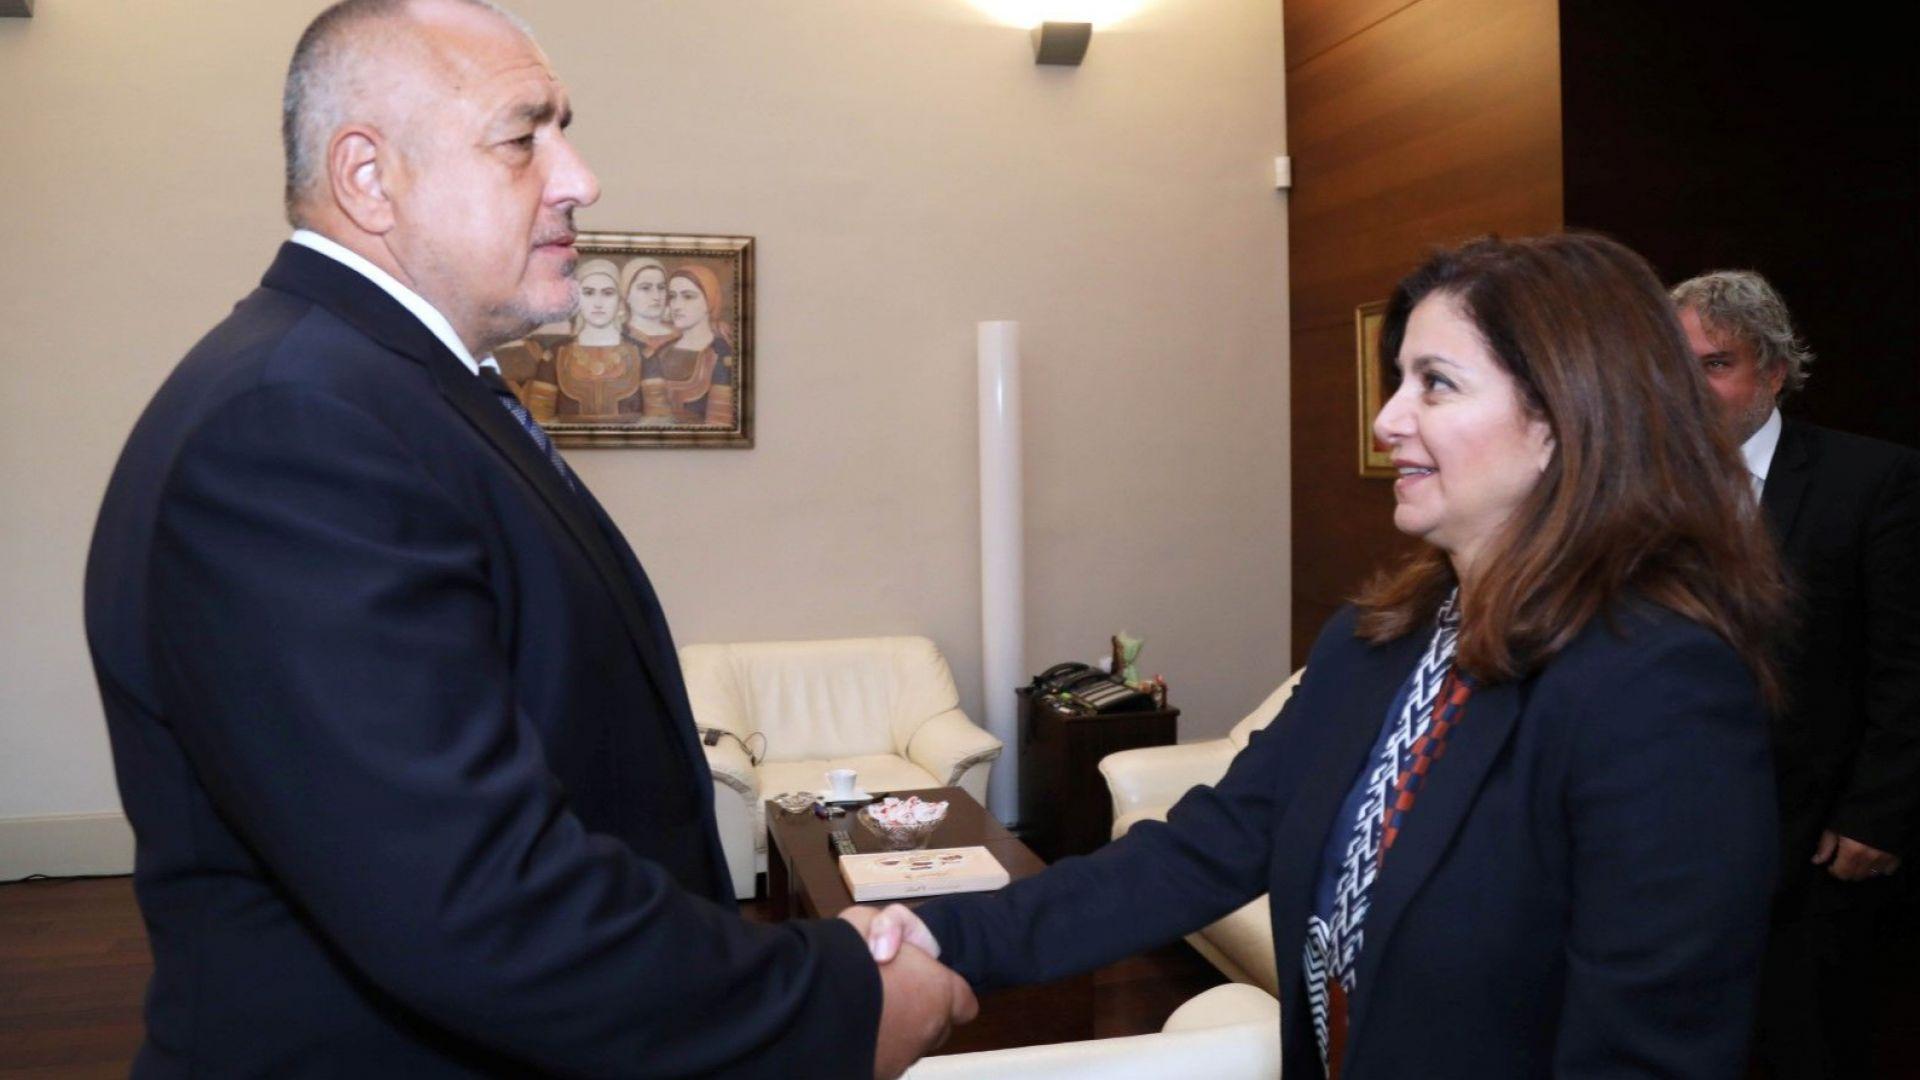 Борисов се похвали пред принцеса Фирас: България е с изключителен туристически потенциал